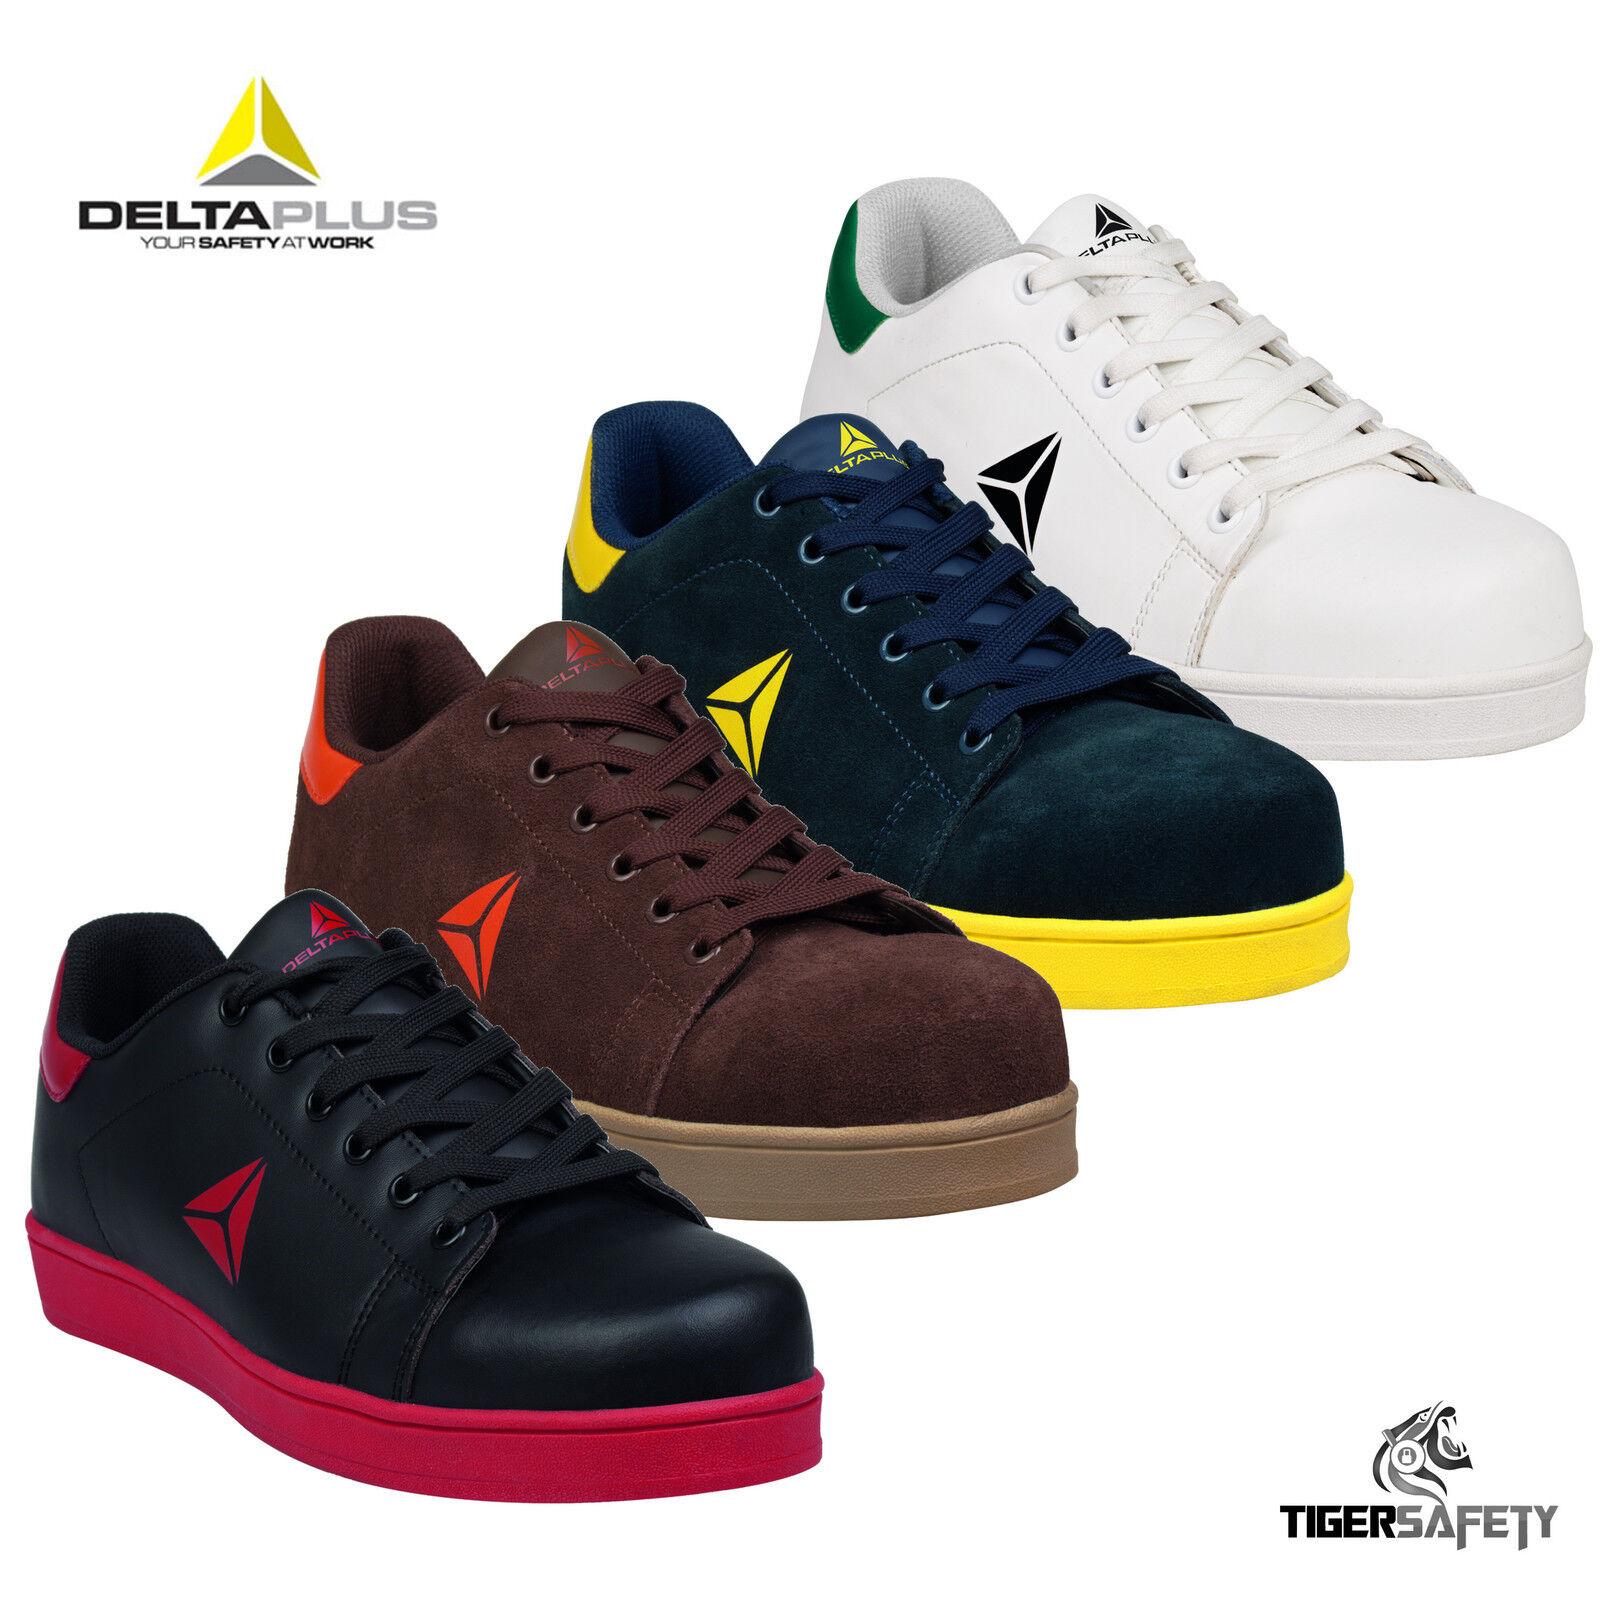 Delta Plus Panoply Smash S1P Metal Gratis Puntera Composite Seguridad Zapatillas Zapatos